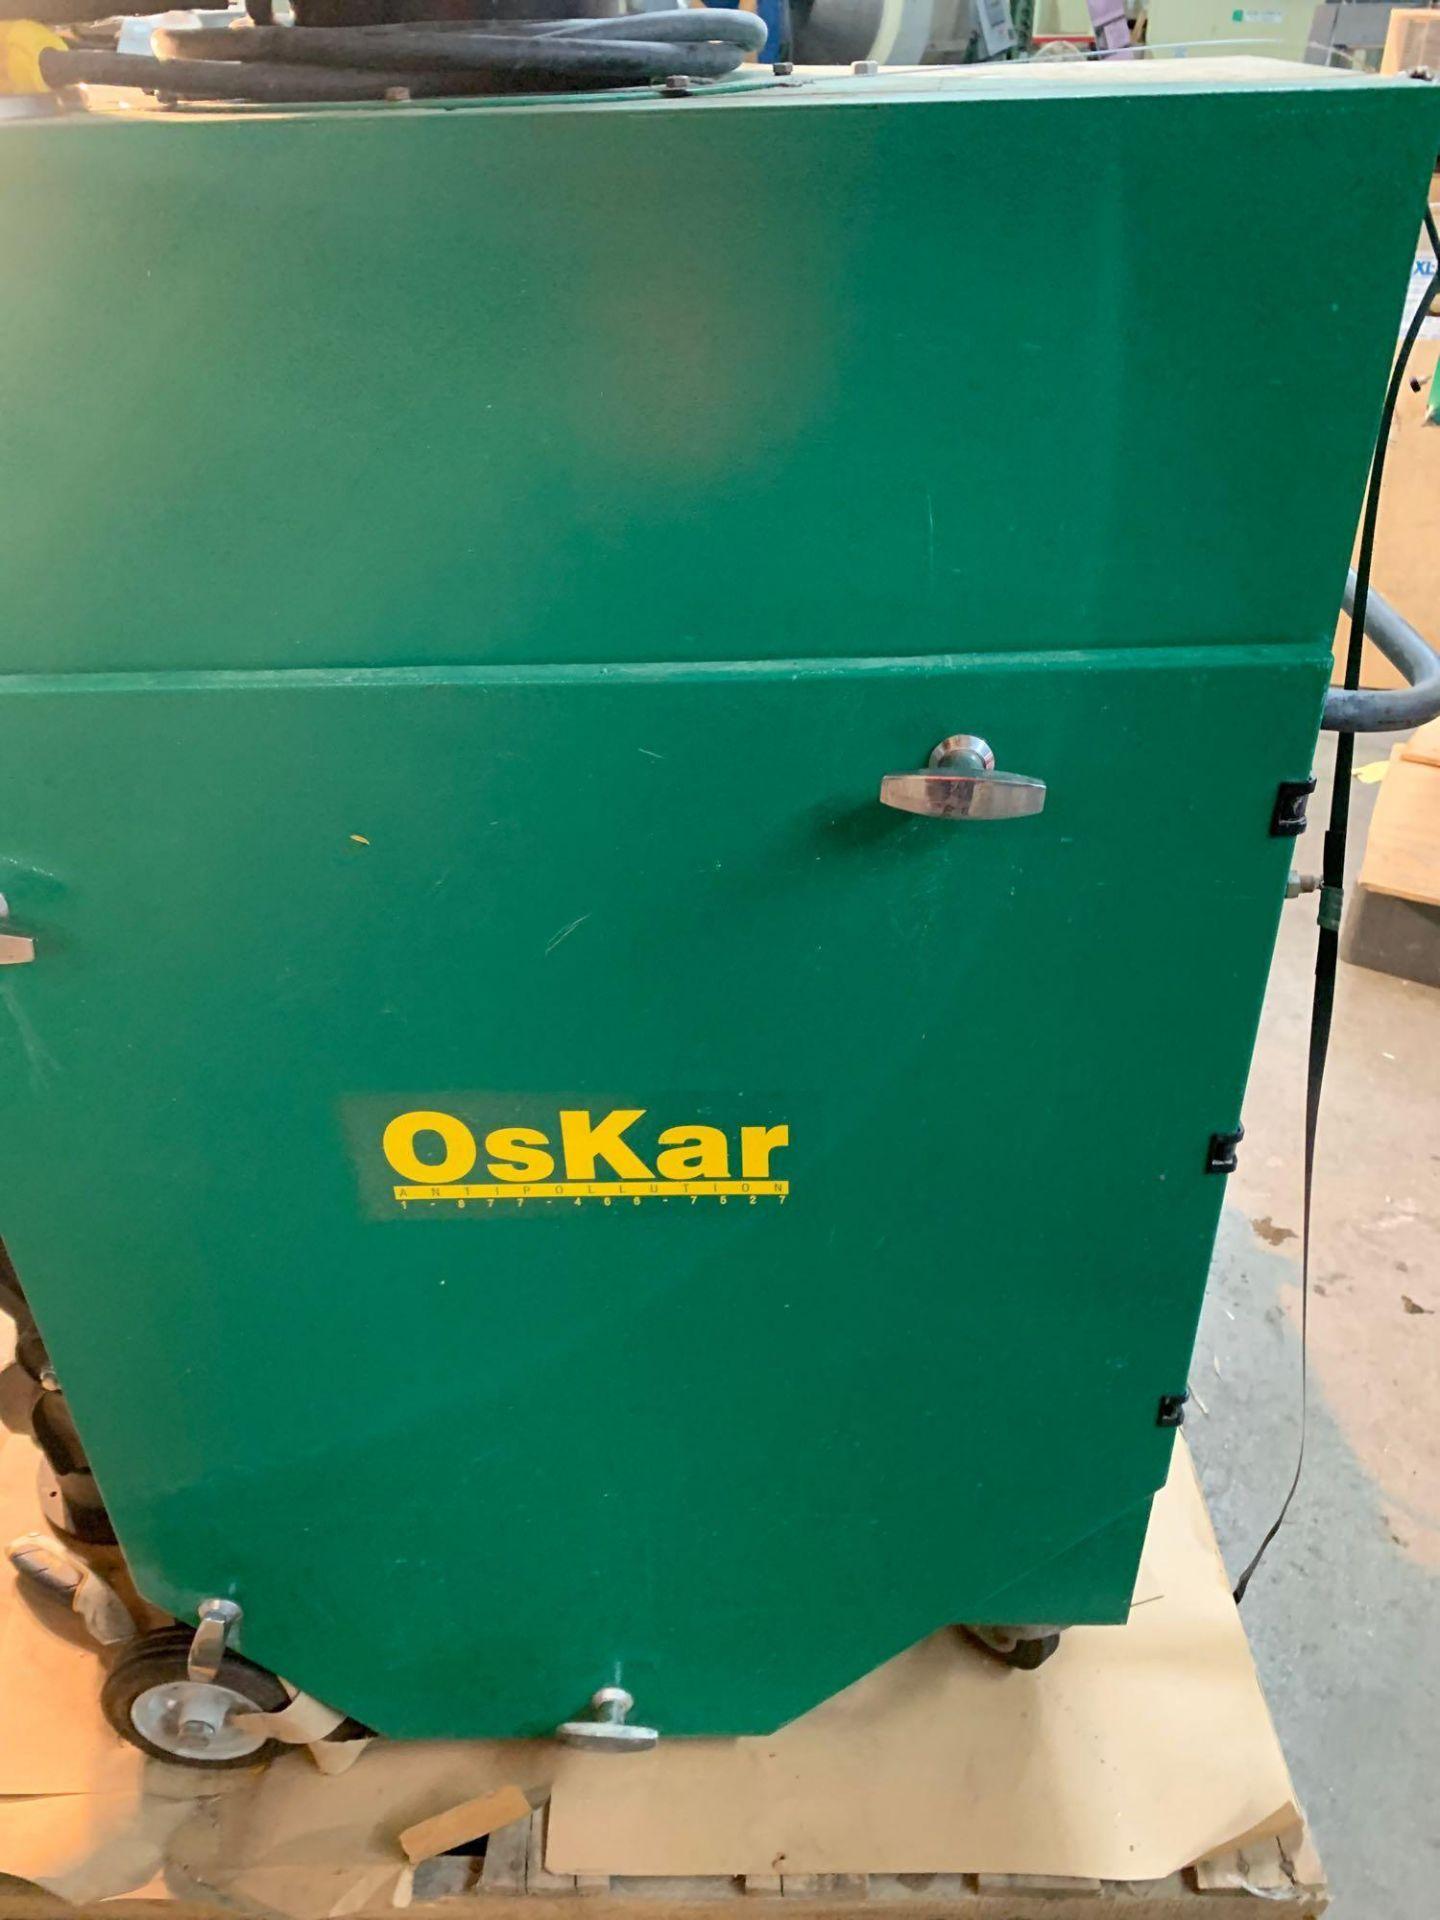 OsKar Anti-Pollution Filter - Image 8 of 8